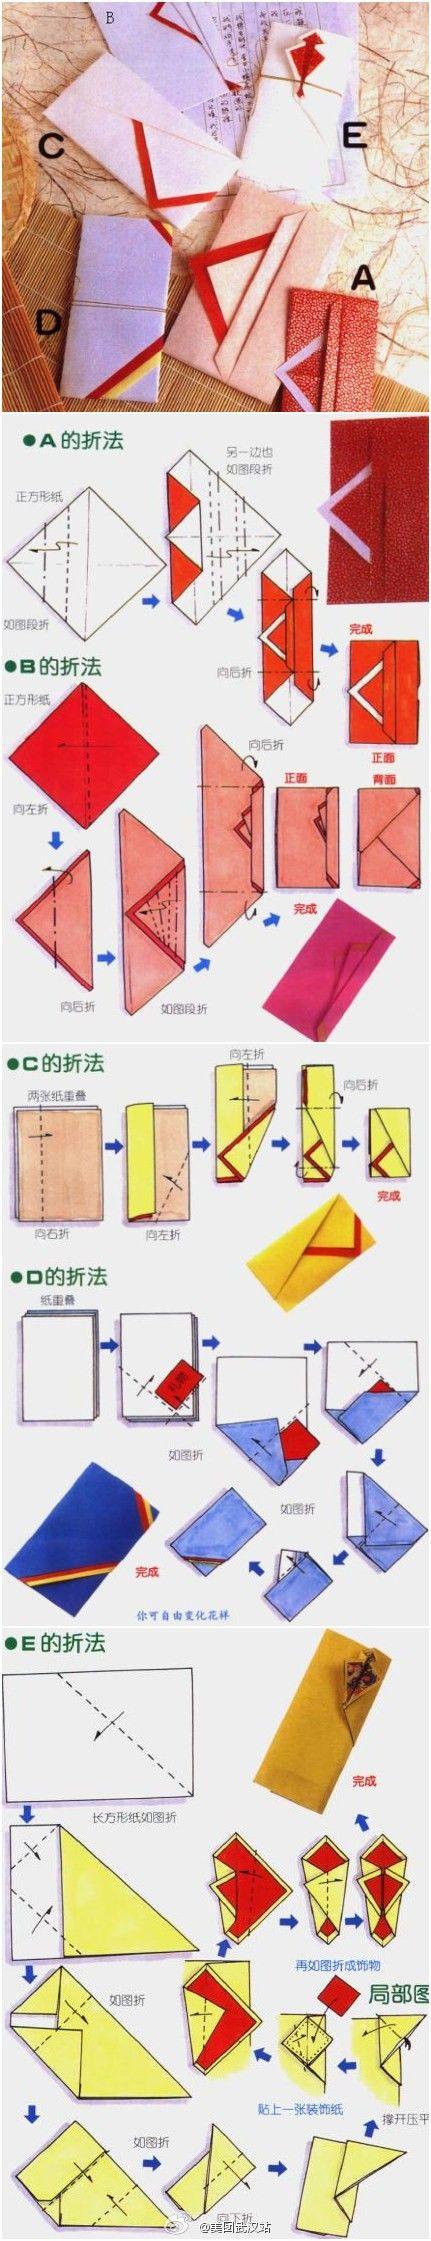 今天的信封折纸:五种日式礼袋信封~~清幽淡雅,彰显文化感~~